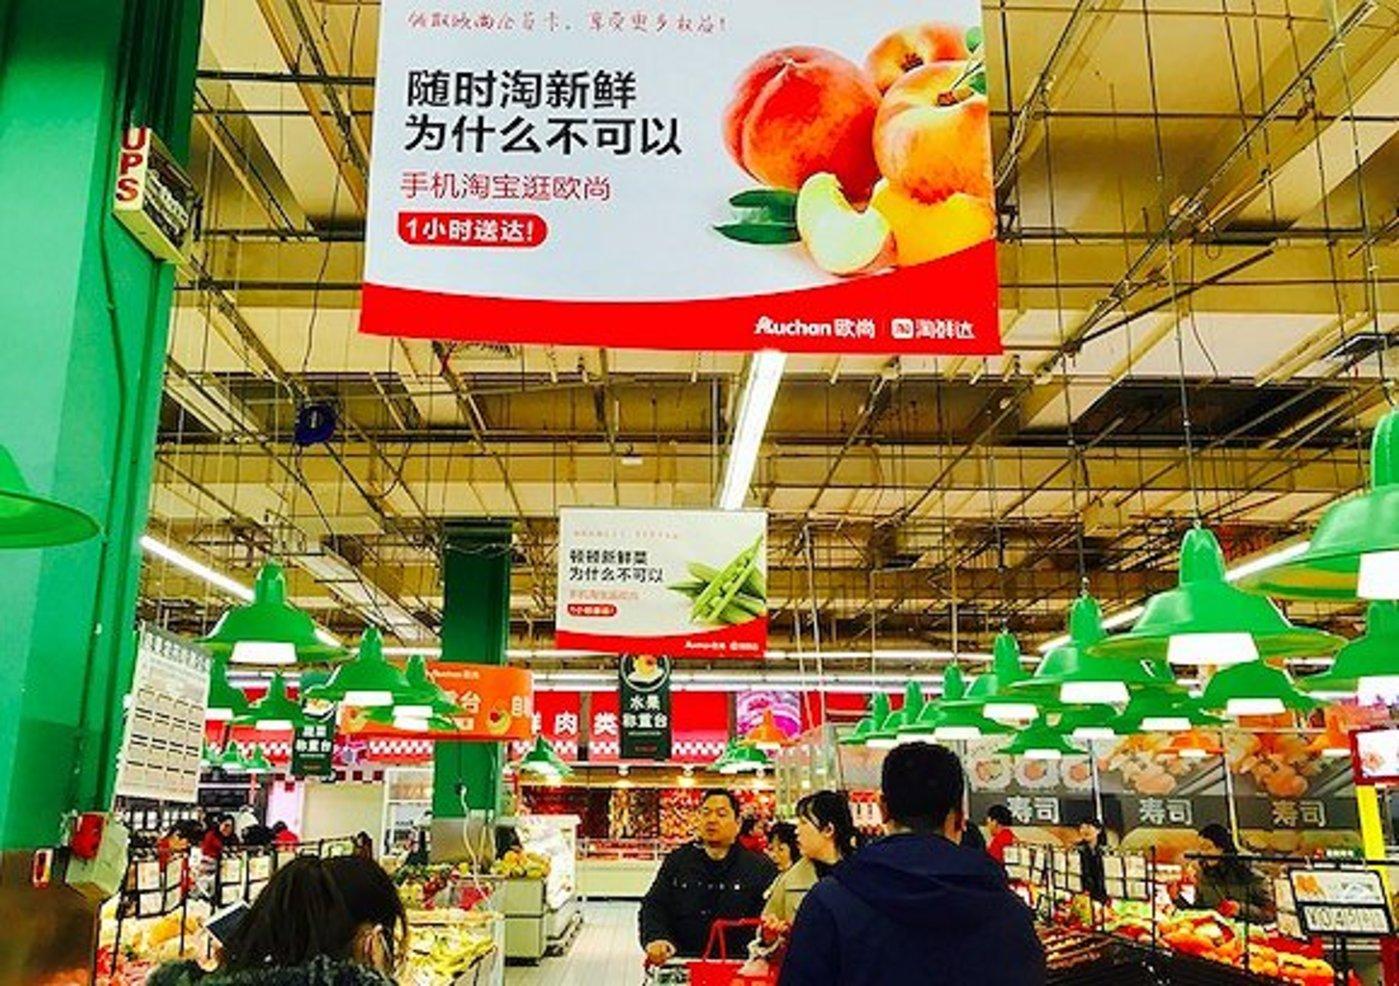 欧尚卖场悬挂的淘鲜达宣传牌。摄影:赵晓娟